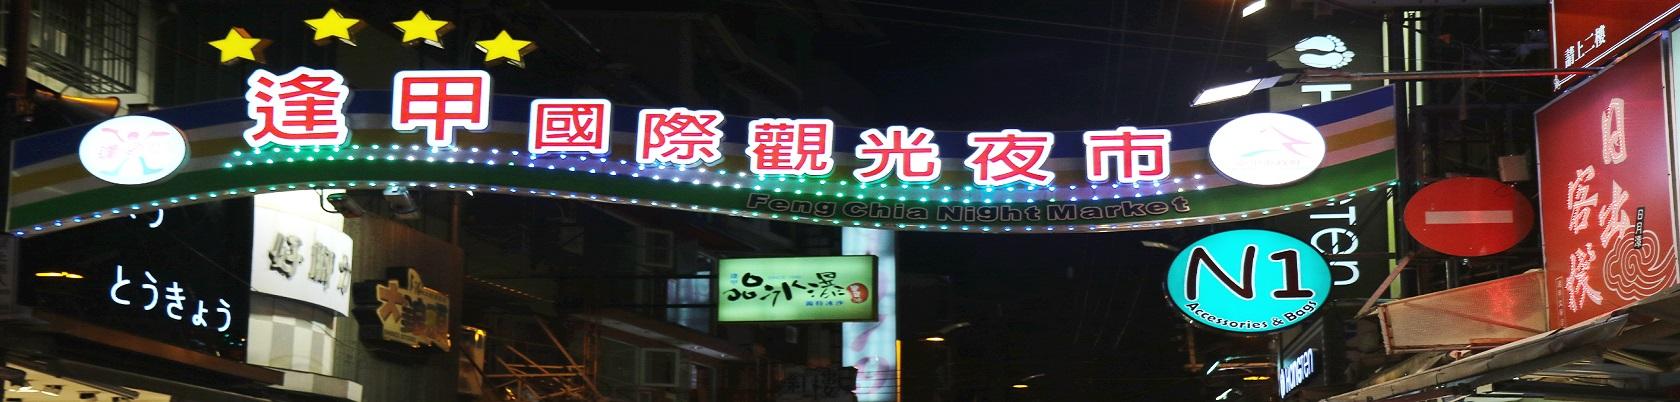 臺中市逢甲觀光夜市